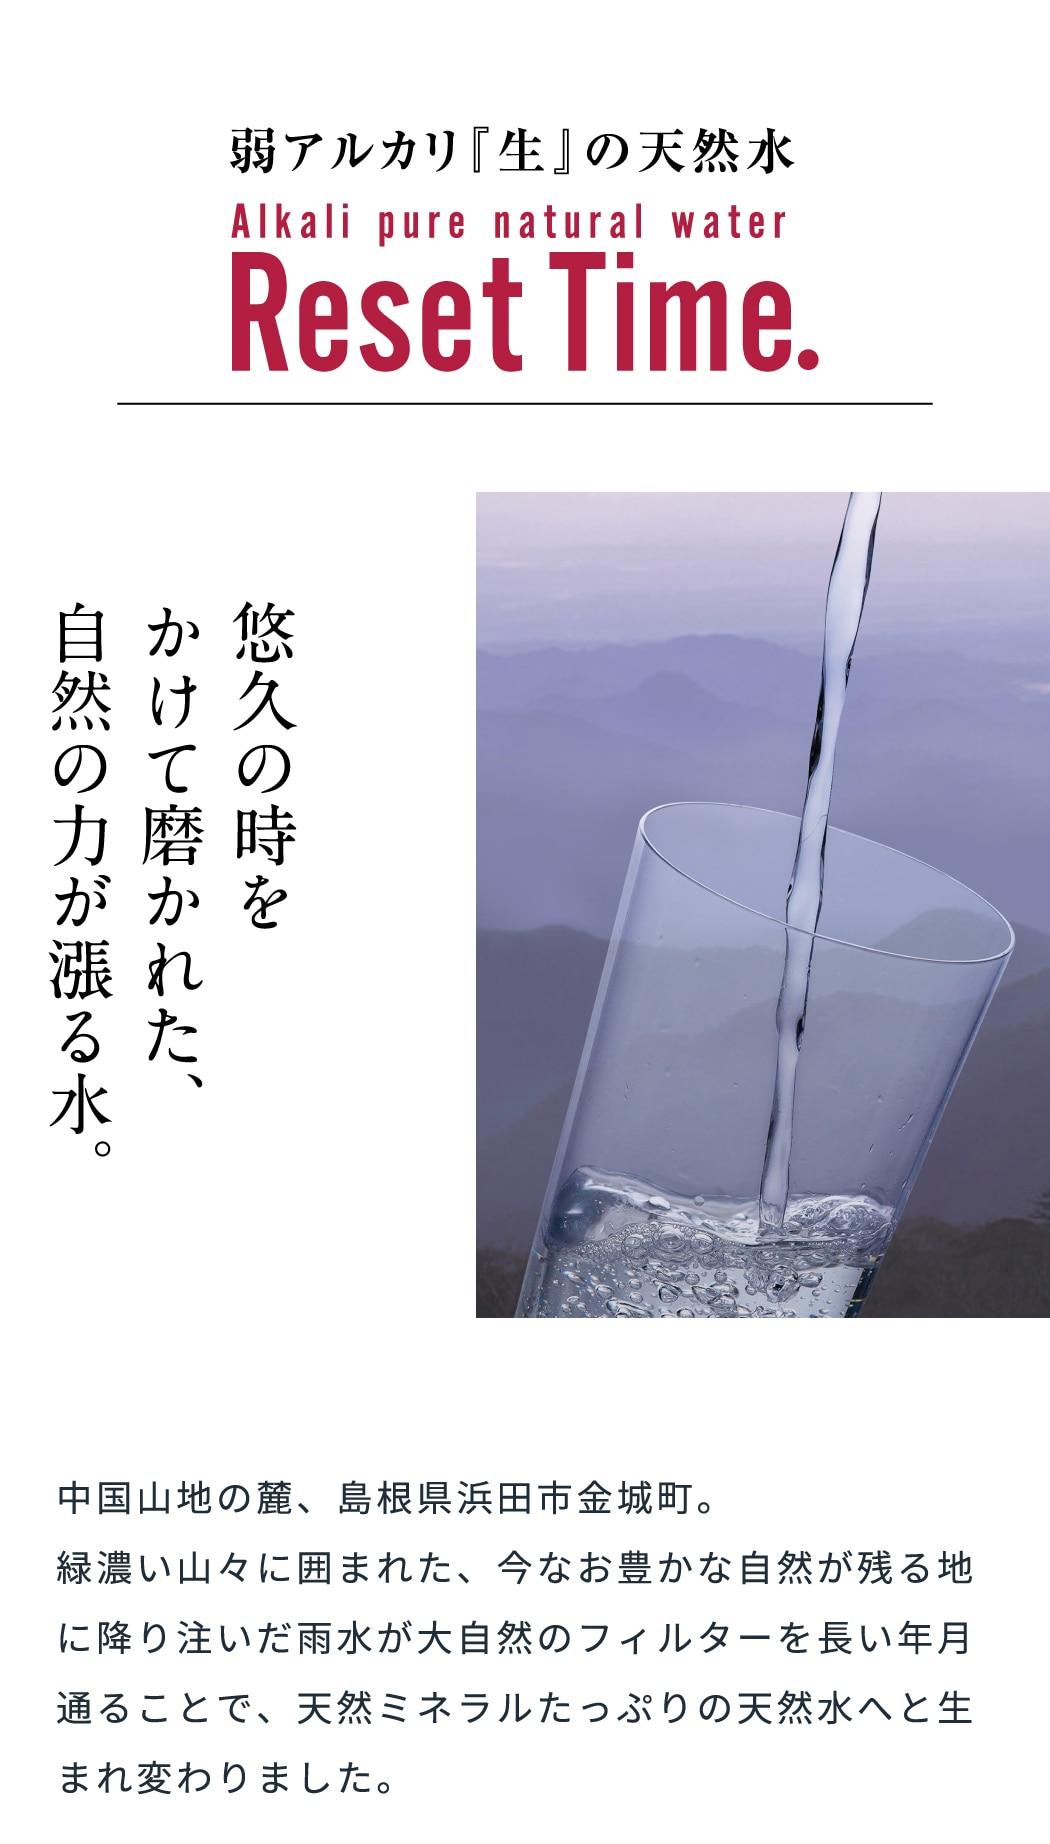 悠久の時をかけて磨かれた、自然の力が漲る水。